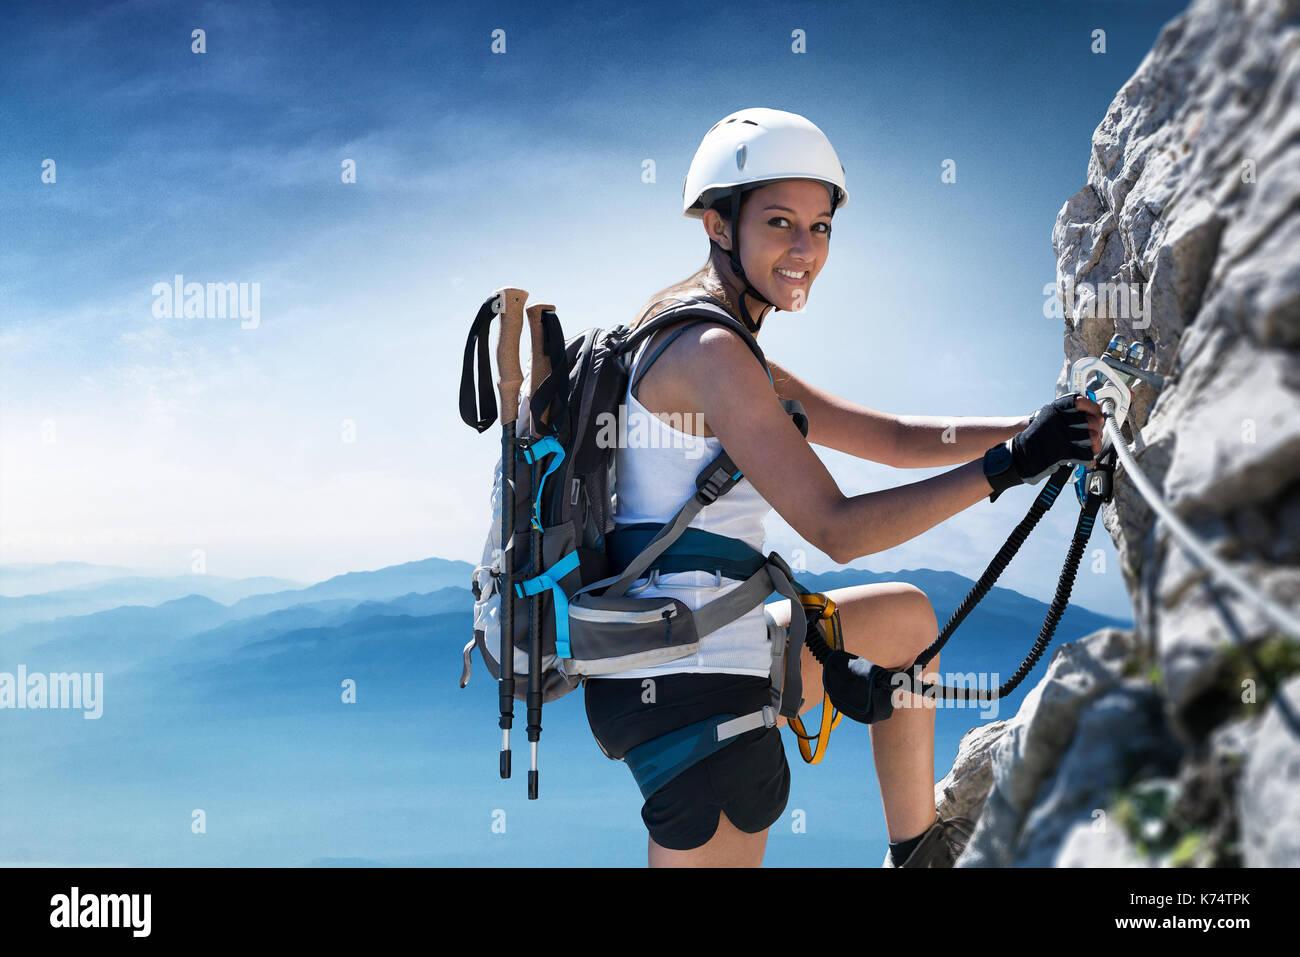 Klettersteig Weibl : Frau kletterer auf einem klettersteig via ferrata in den alpen